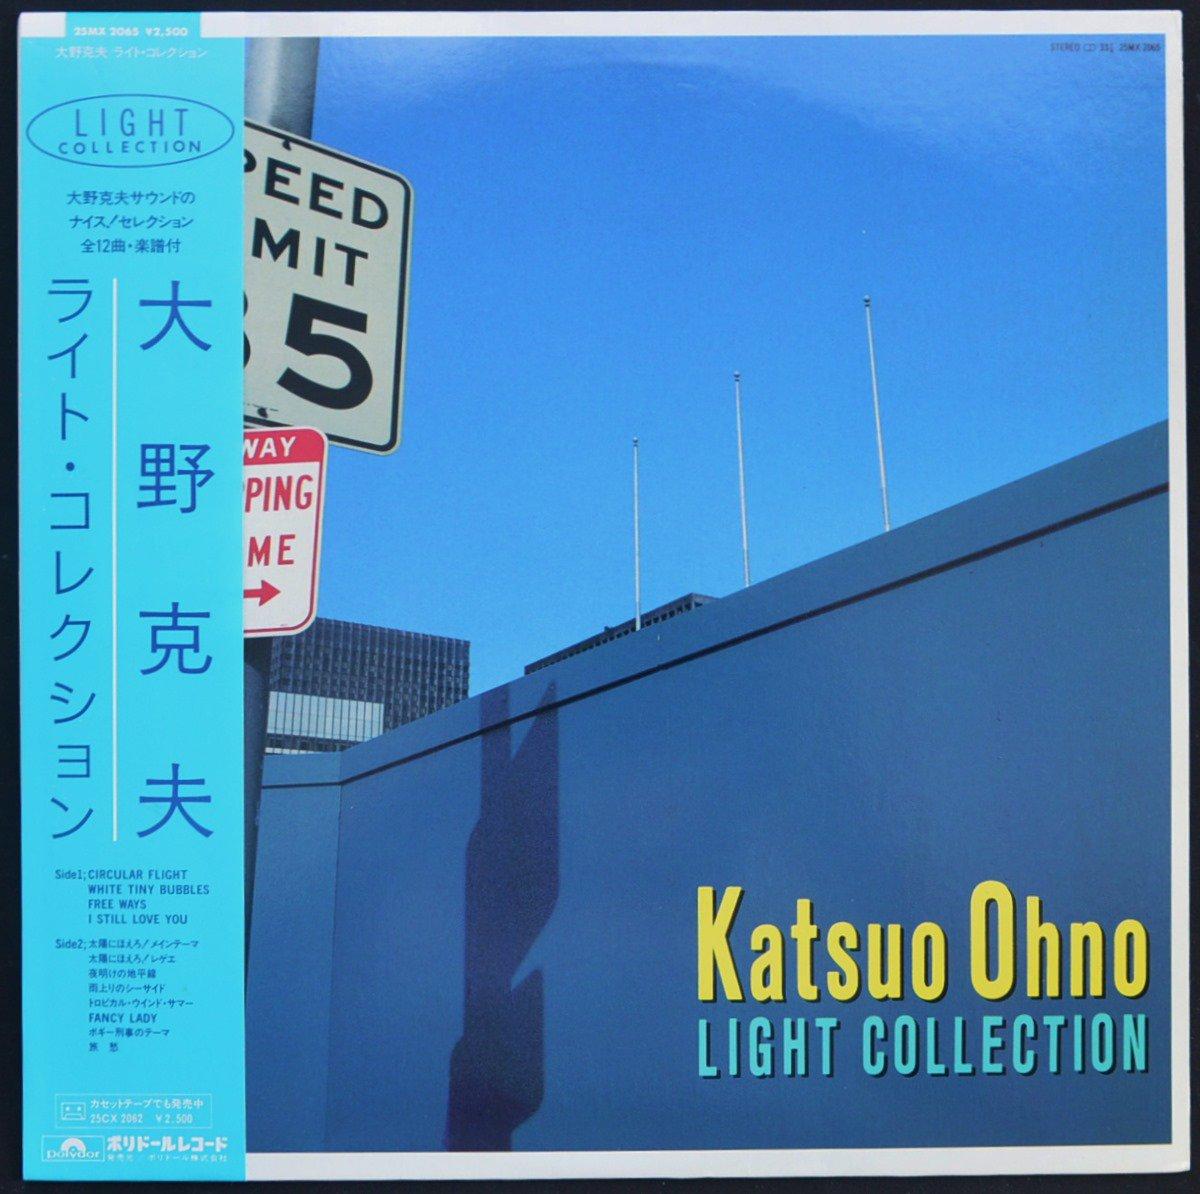 大野克夫 KATSUO OHNO / ライト・コレクション LIGHT COLLECTION (LP)